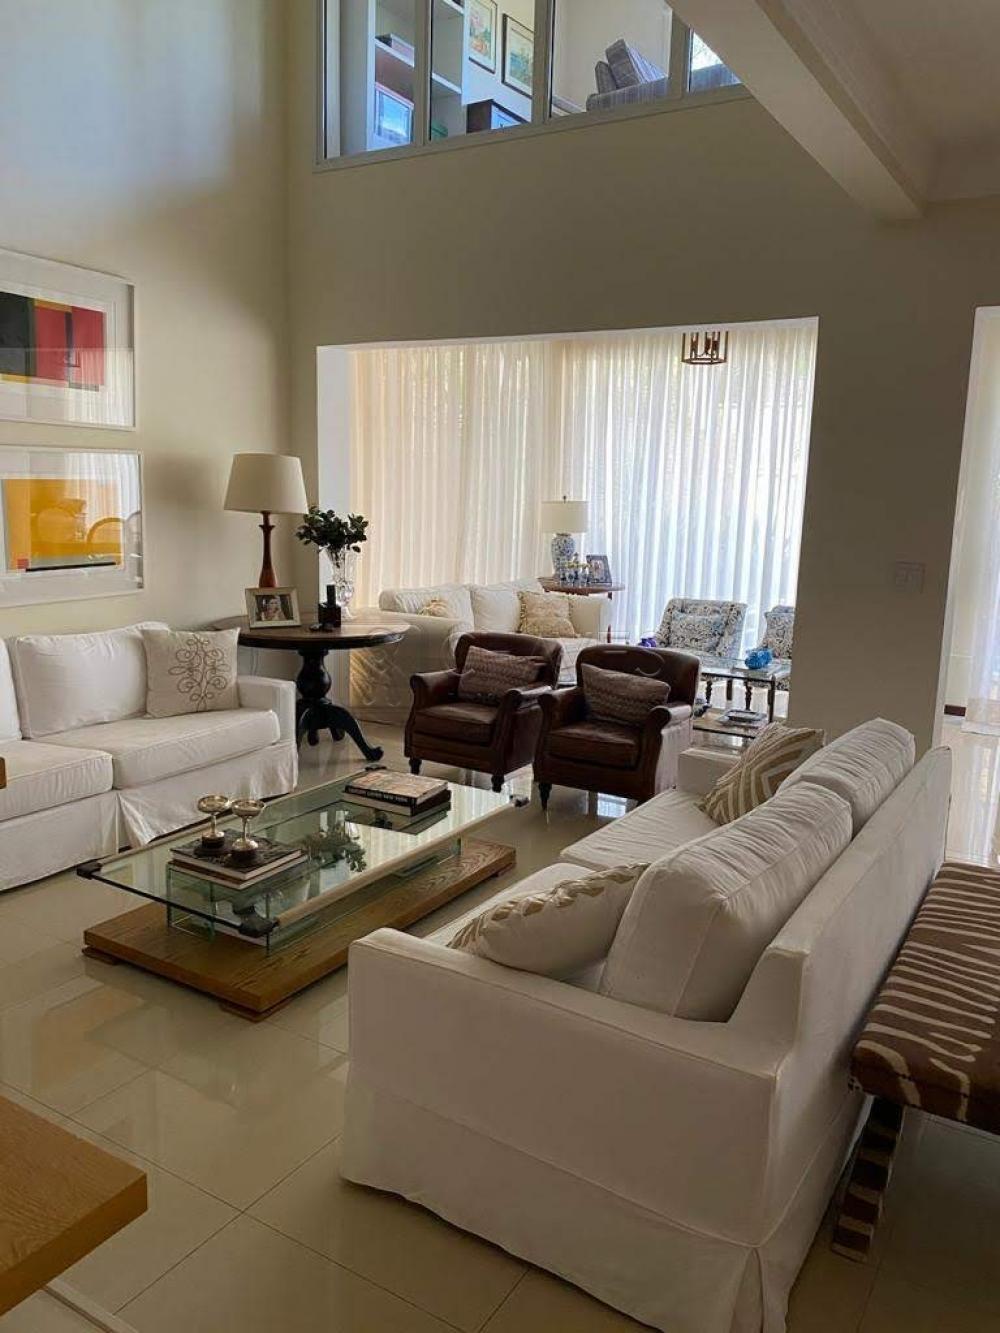 Ribeirao Preto Casa Venda R$1.850.000,00 Condominio R$847,00 4 Dormitorios 4 Suites Area construida 432.00m2